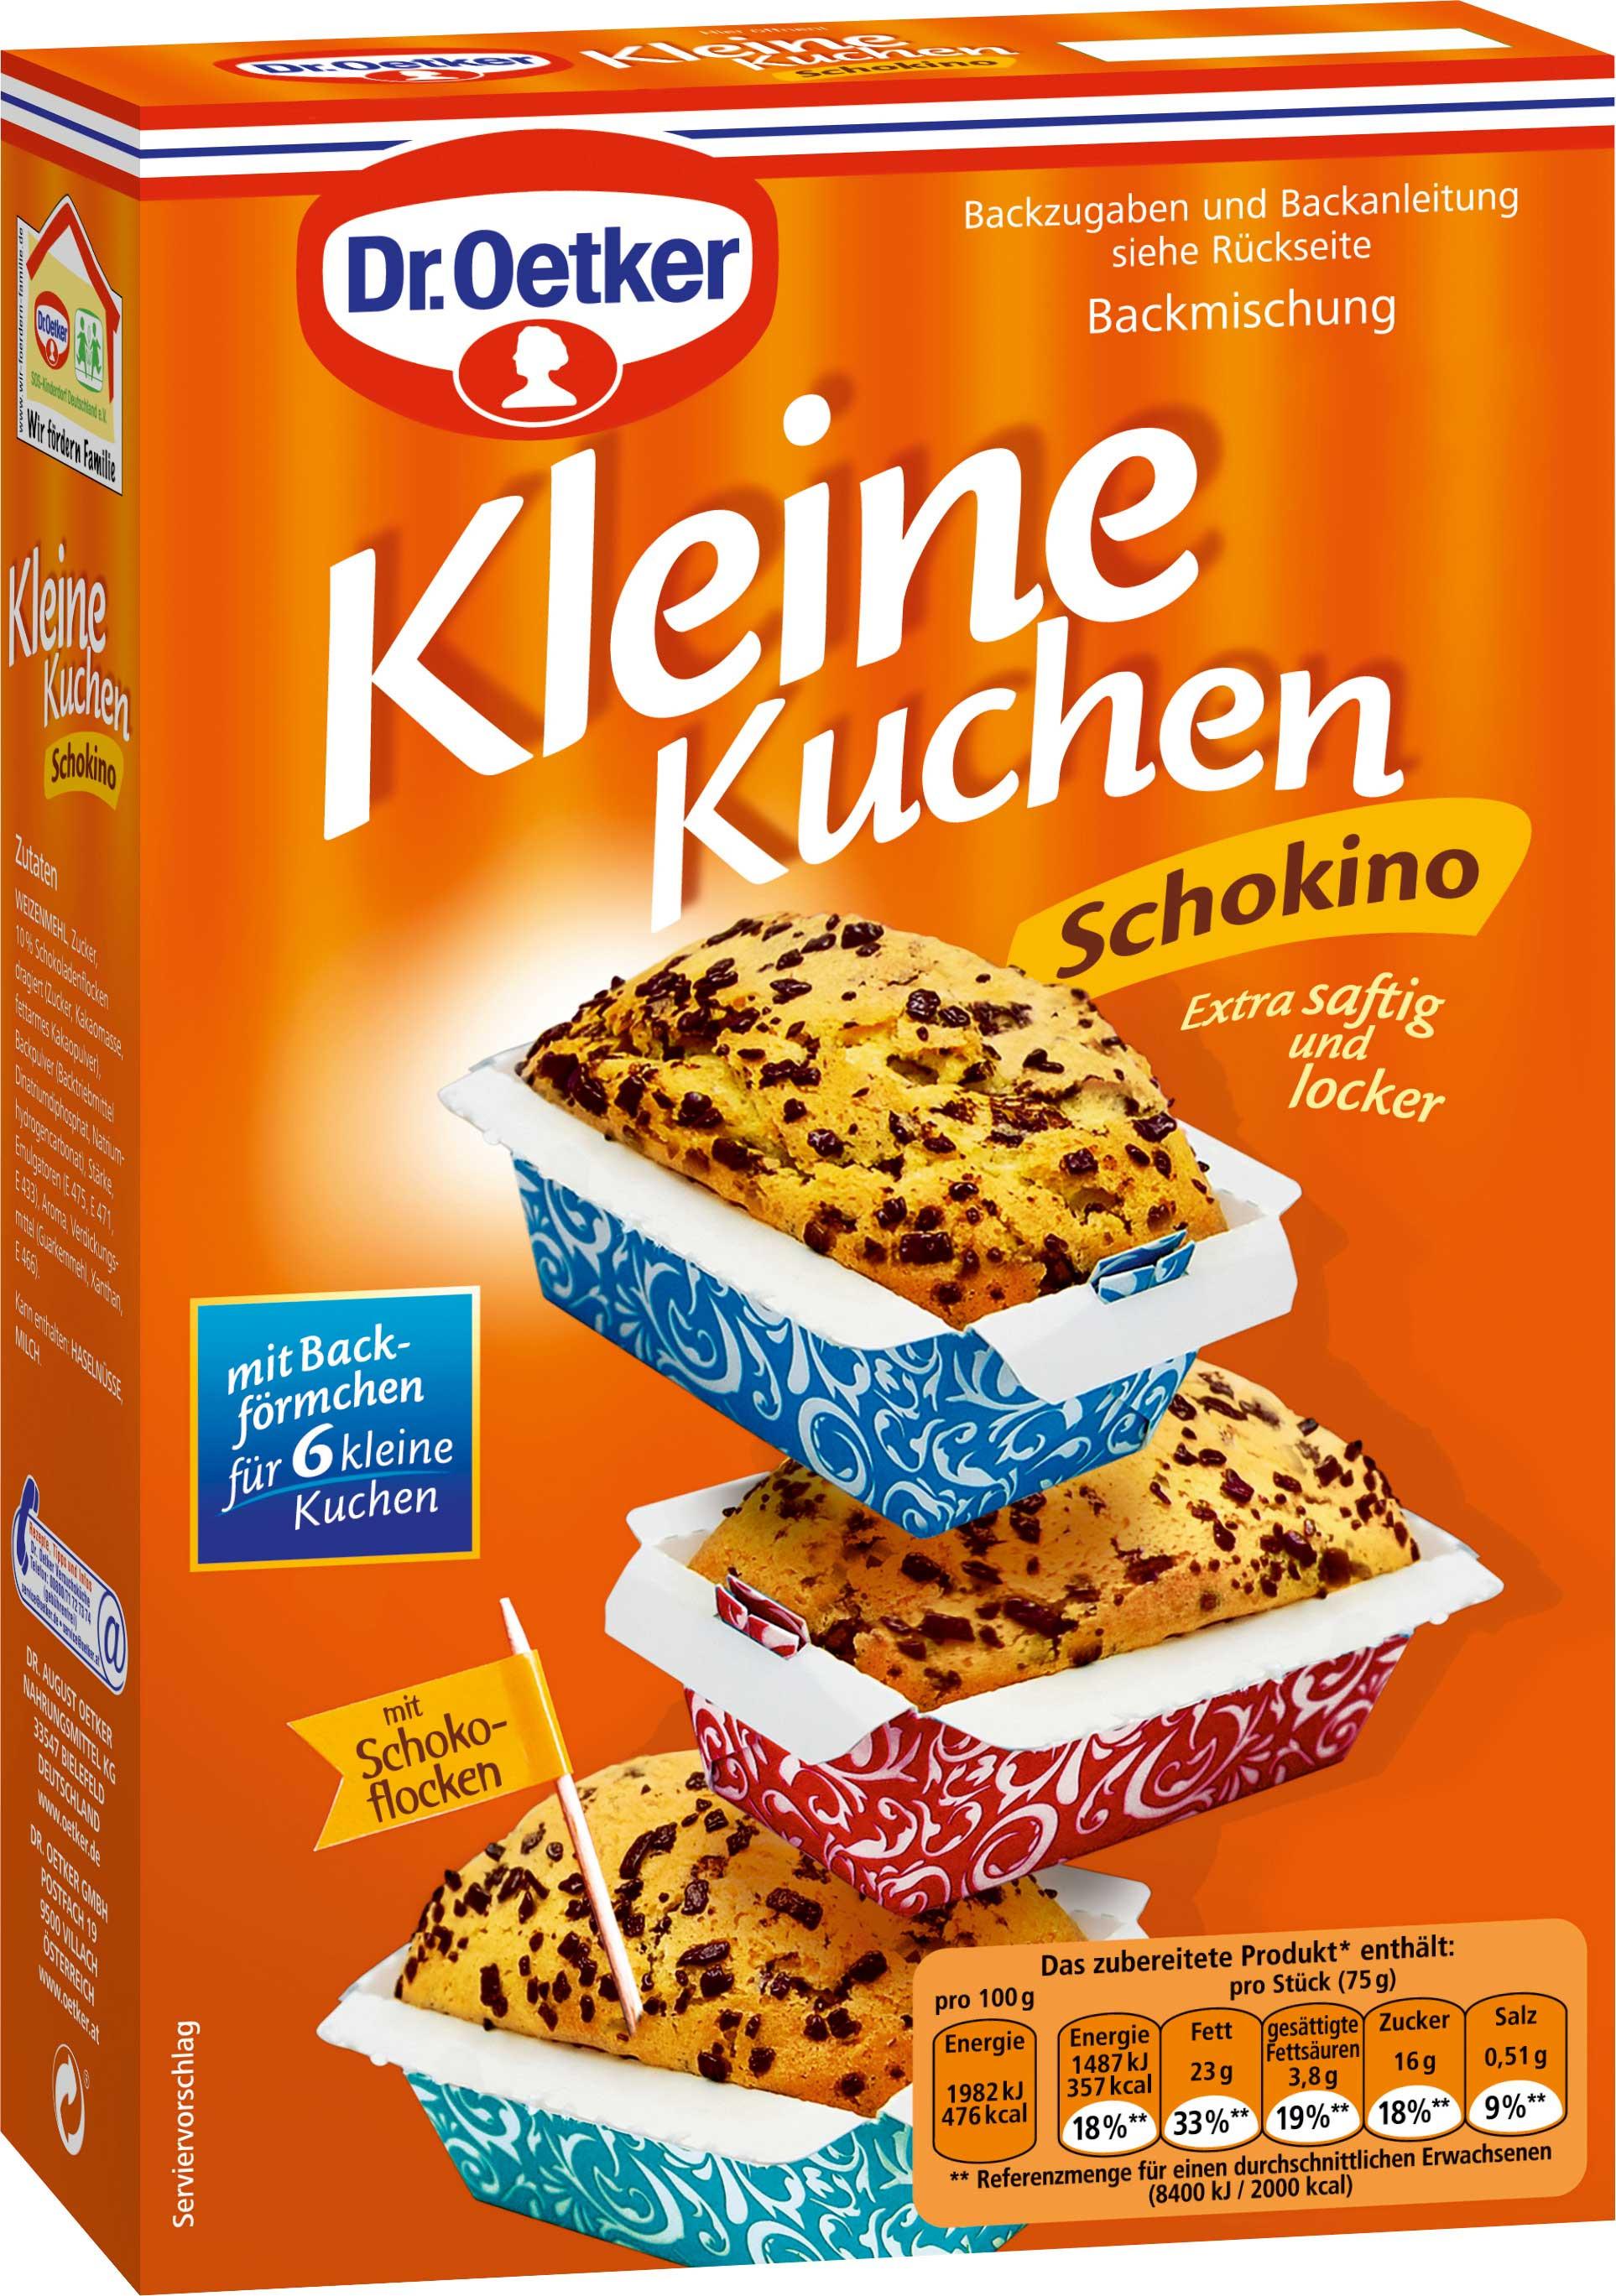 Dr Oetker Kuchen  Dr Oetker Kleine Kuchen Schokino Backmischung 245g